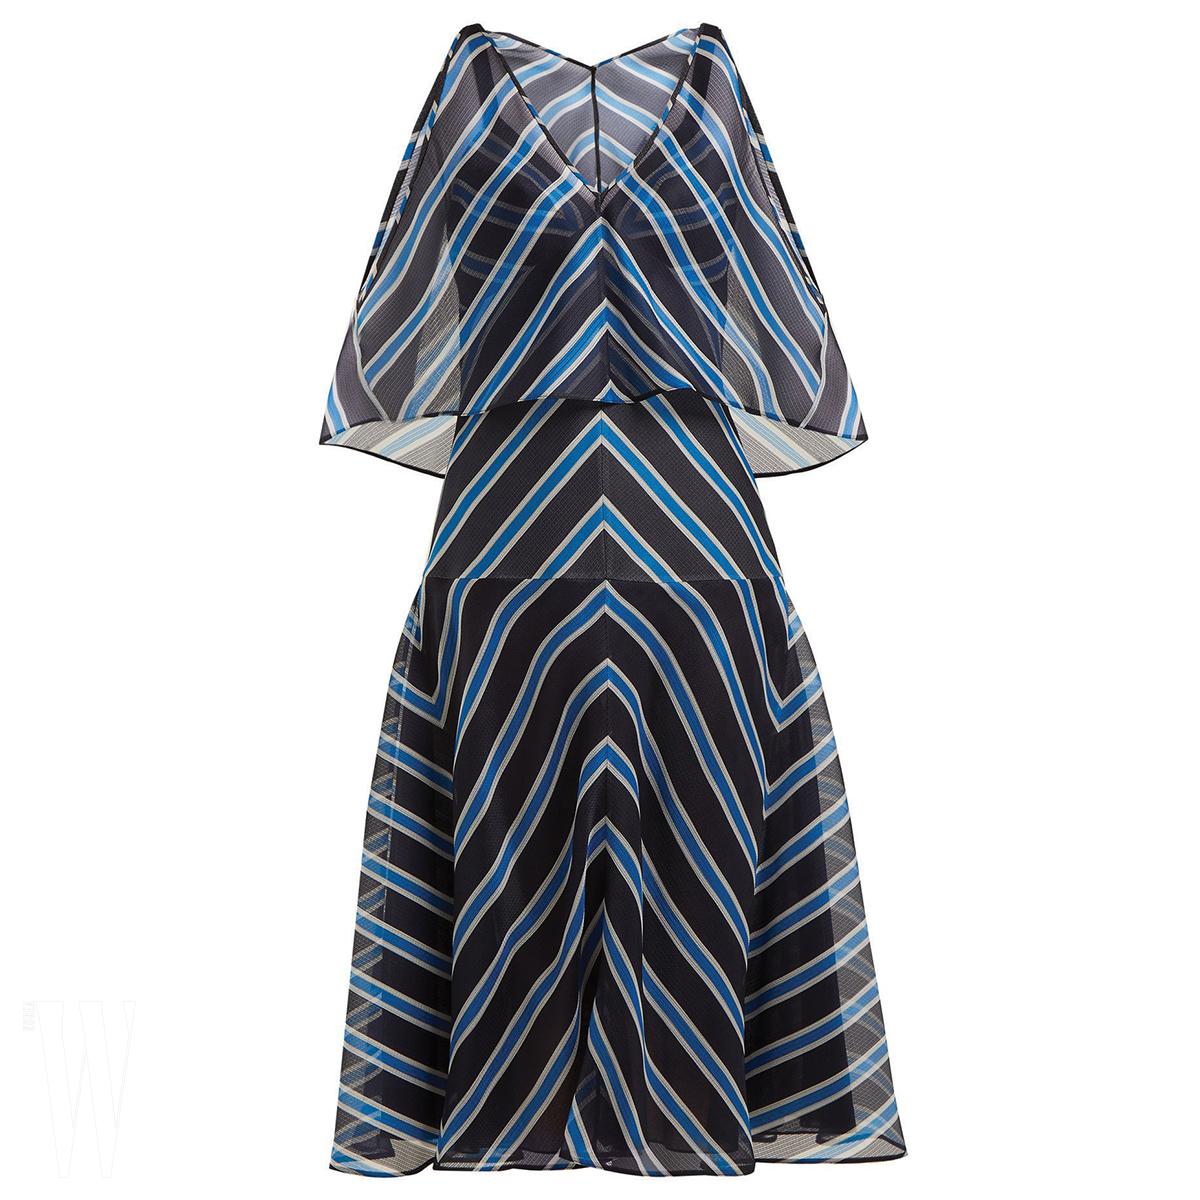 FENDI 줄무늬 시스루 드레스는 펜디 제품. 3백만원대.